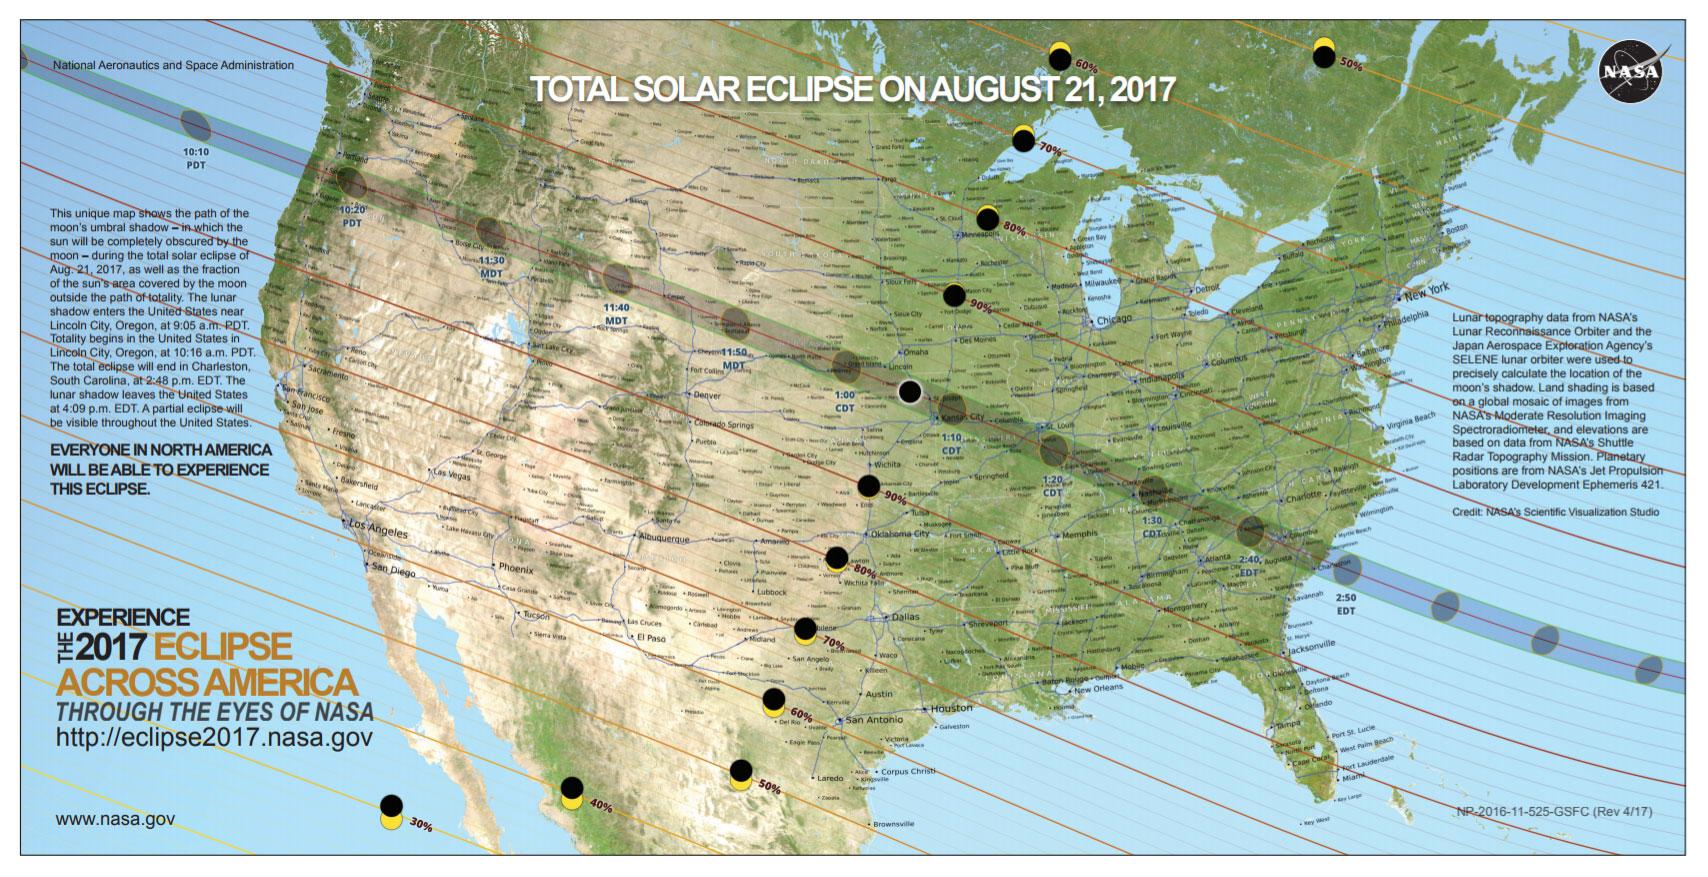 ¿Por qué el eclipse de agosto será especial?